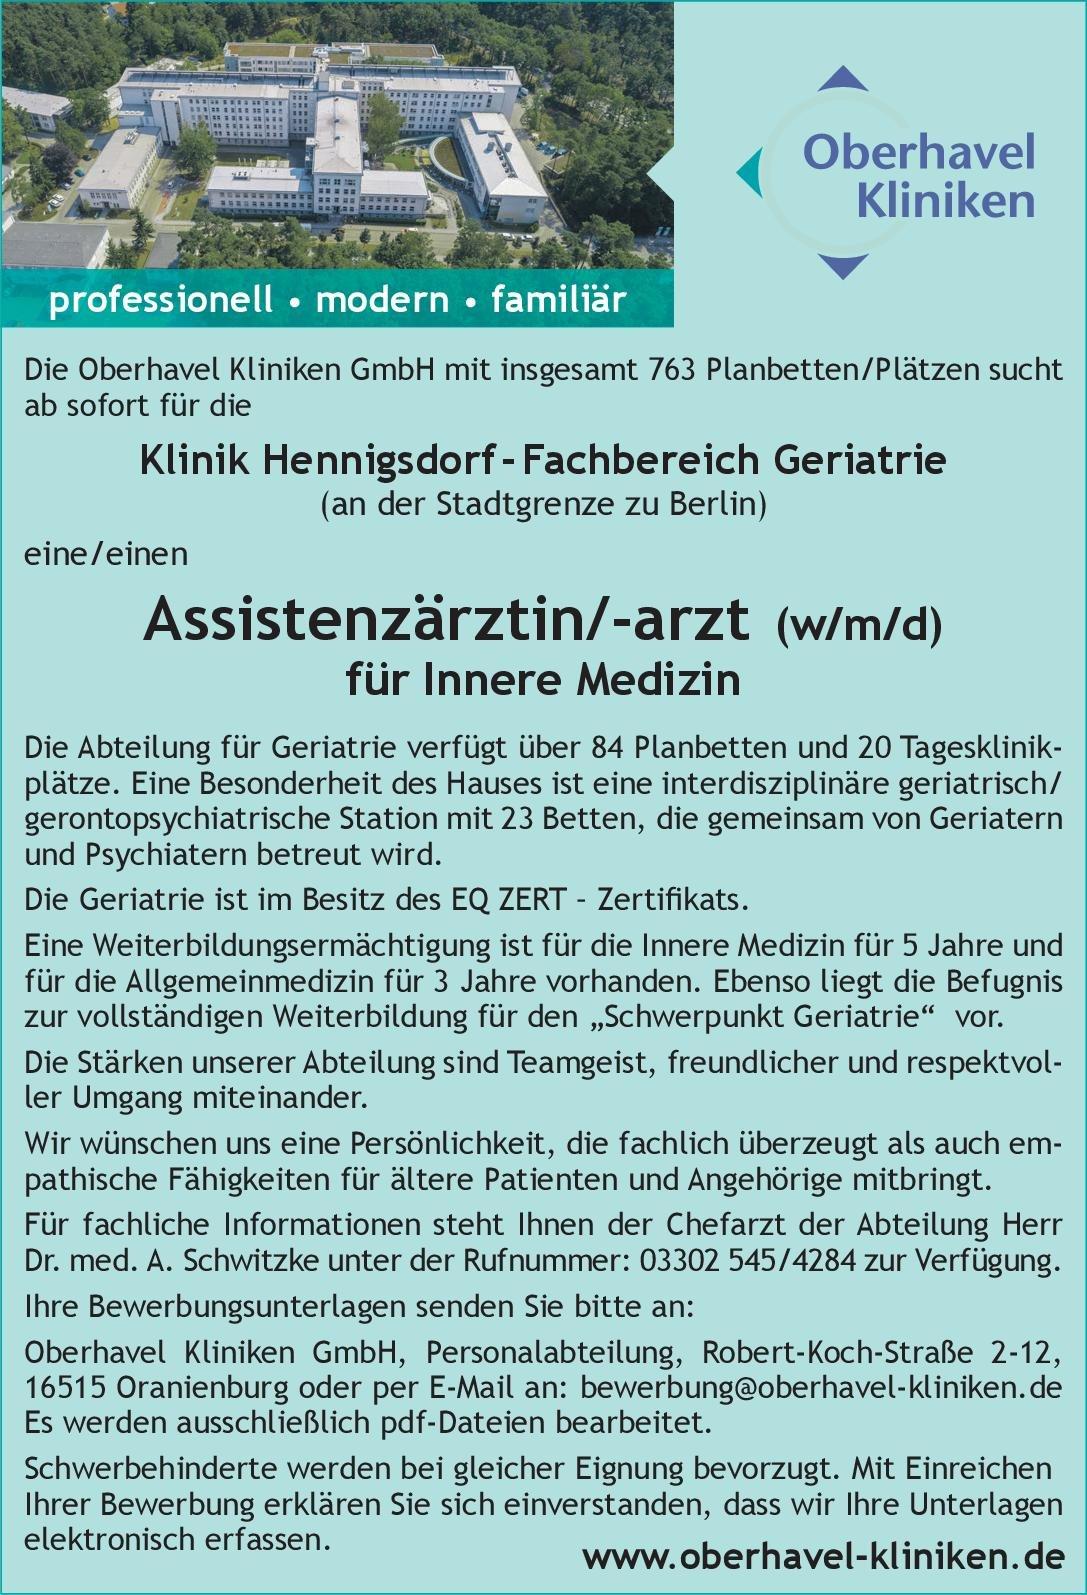 Oberhavel Kliniken GmbH - Klinik Hennigsdorf Assistenzärztin/-arzt (w/m/d) für Innere Medizin  Innere Medizin, Innere Medizin Assistenzarzt / Arzt in Weiterbildung